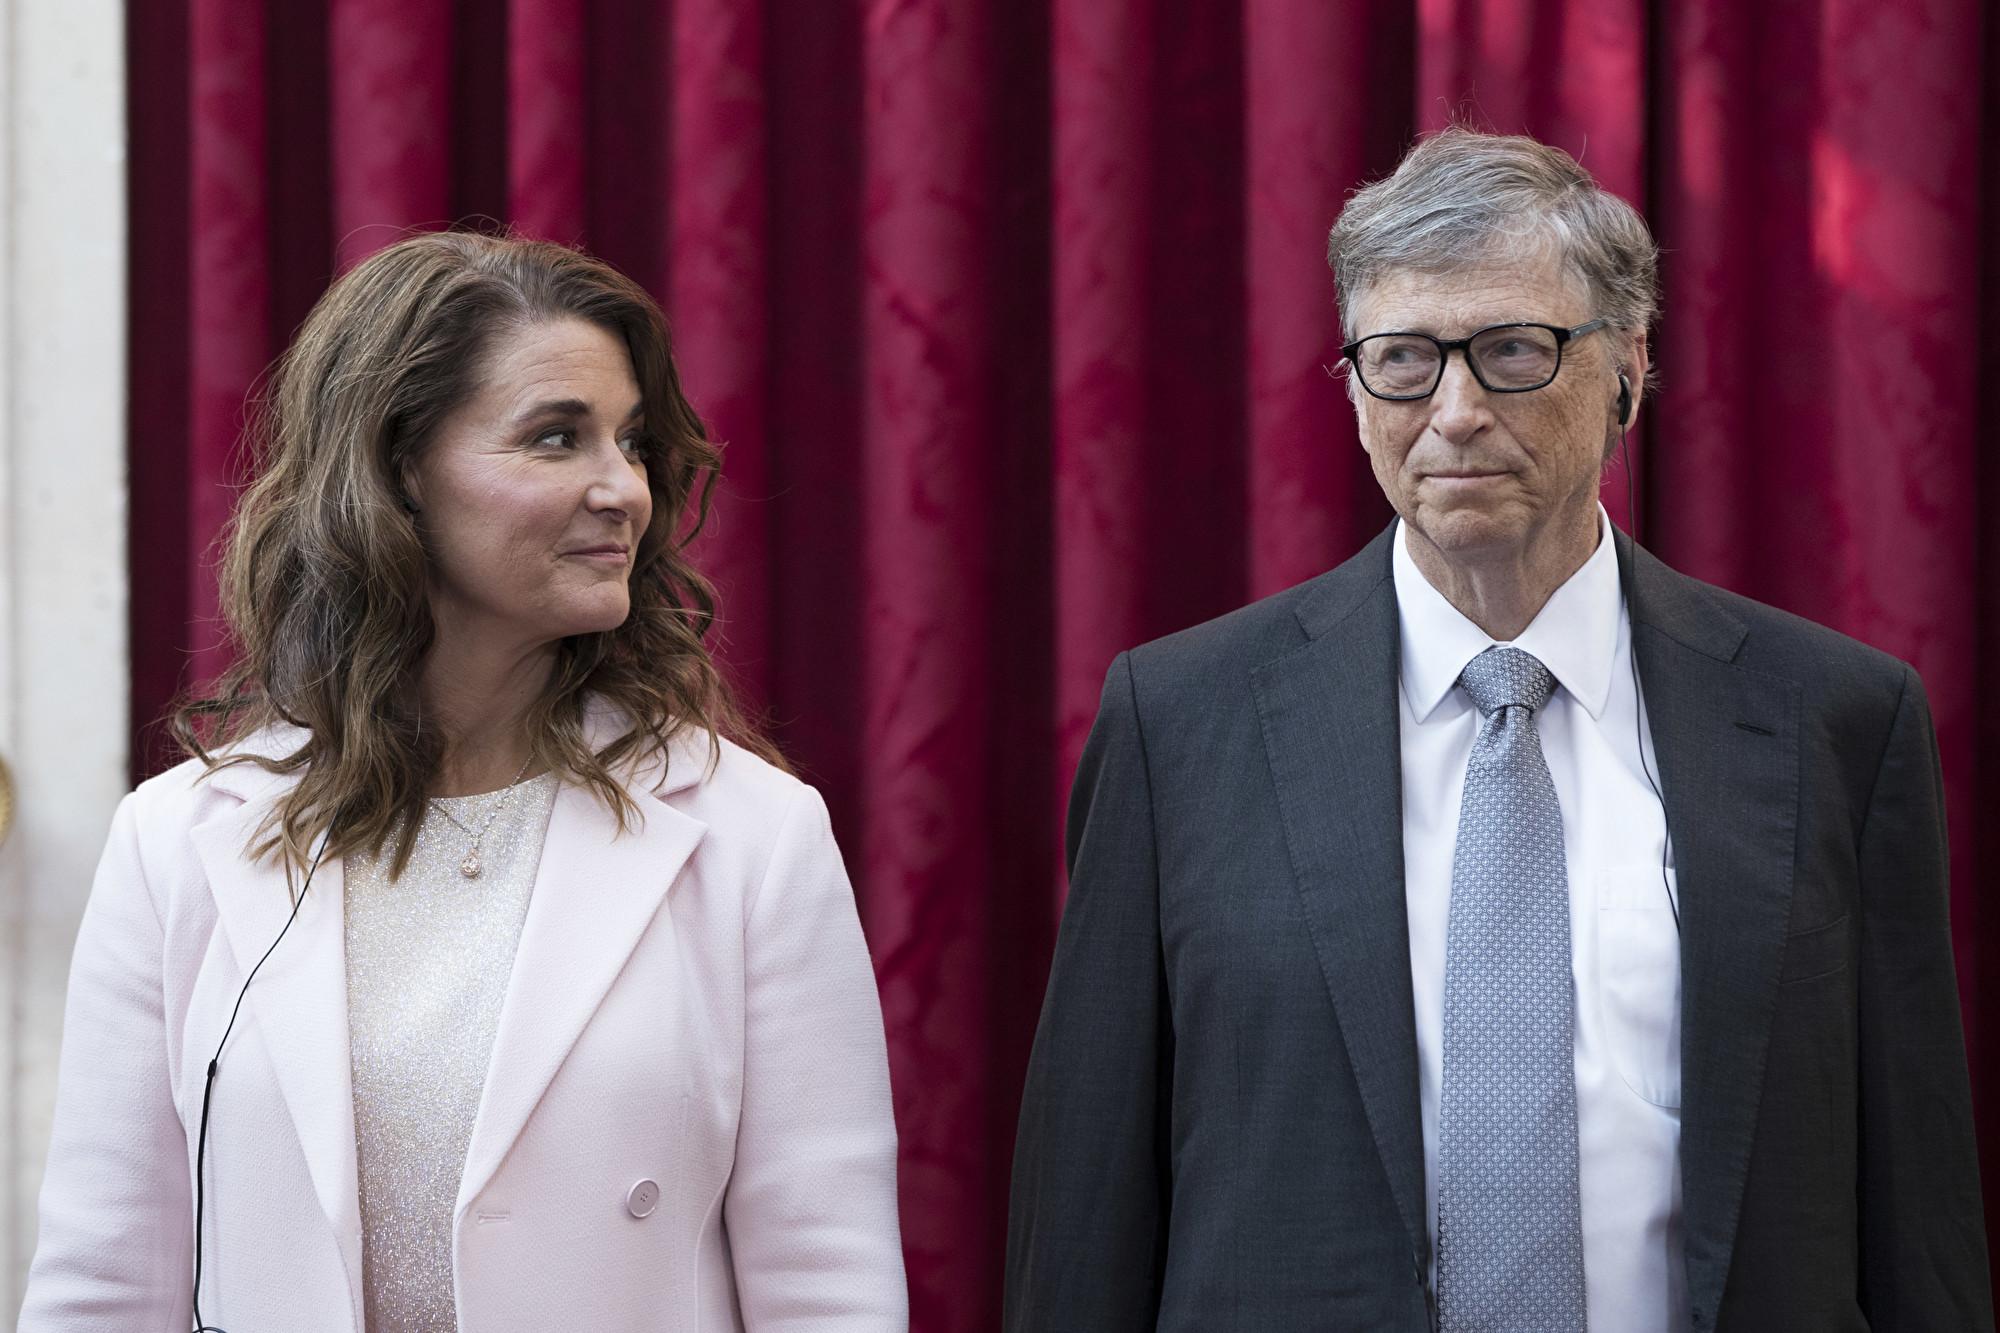 對抗武漢肺炎 蓋茨基金會捐一億美元